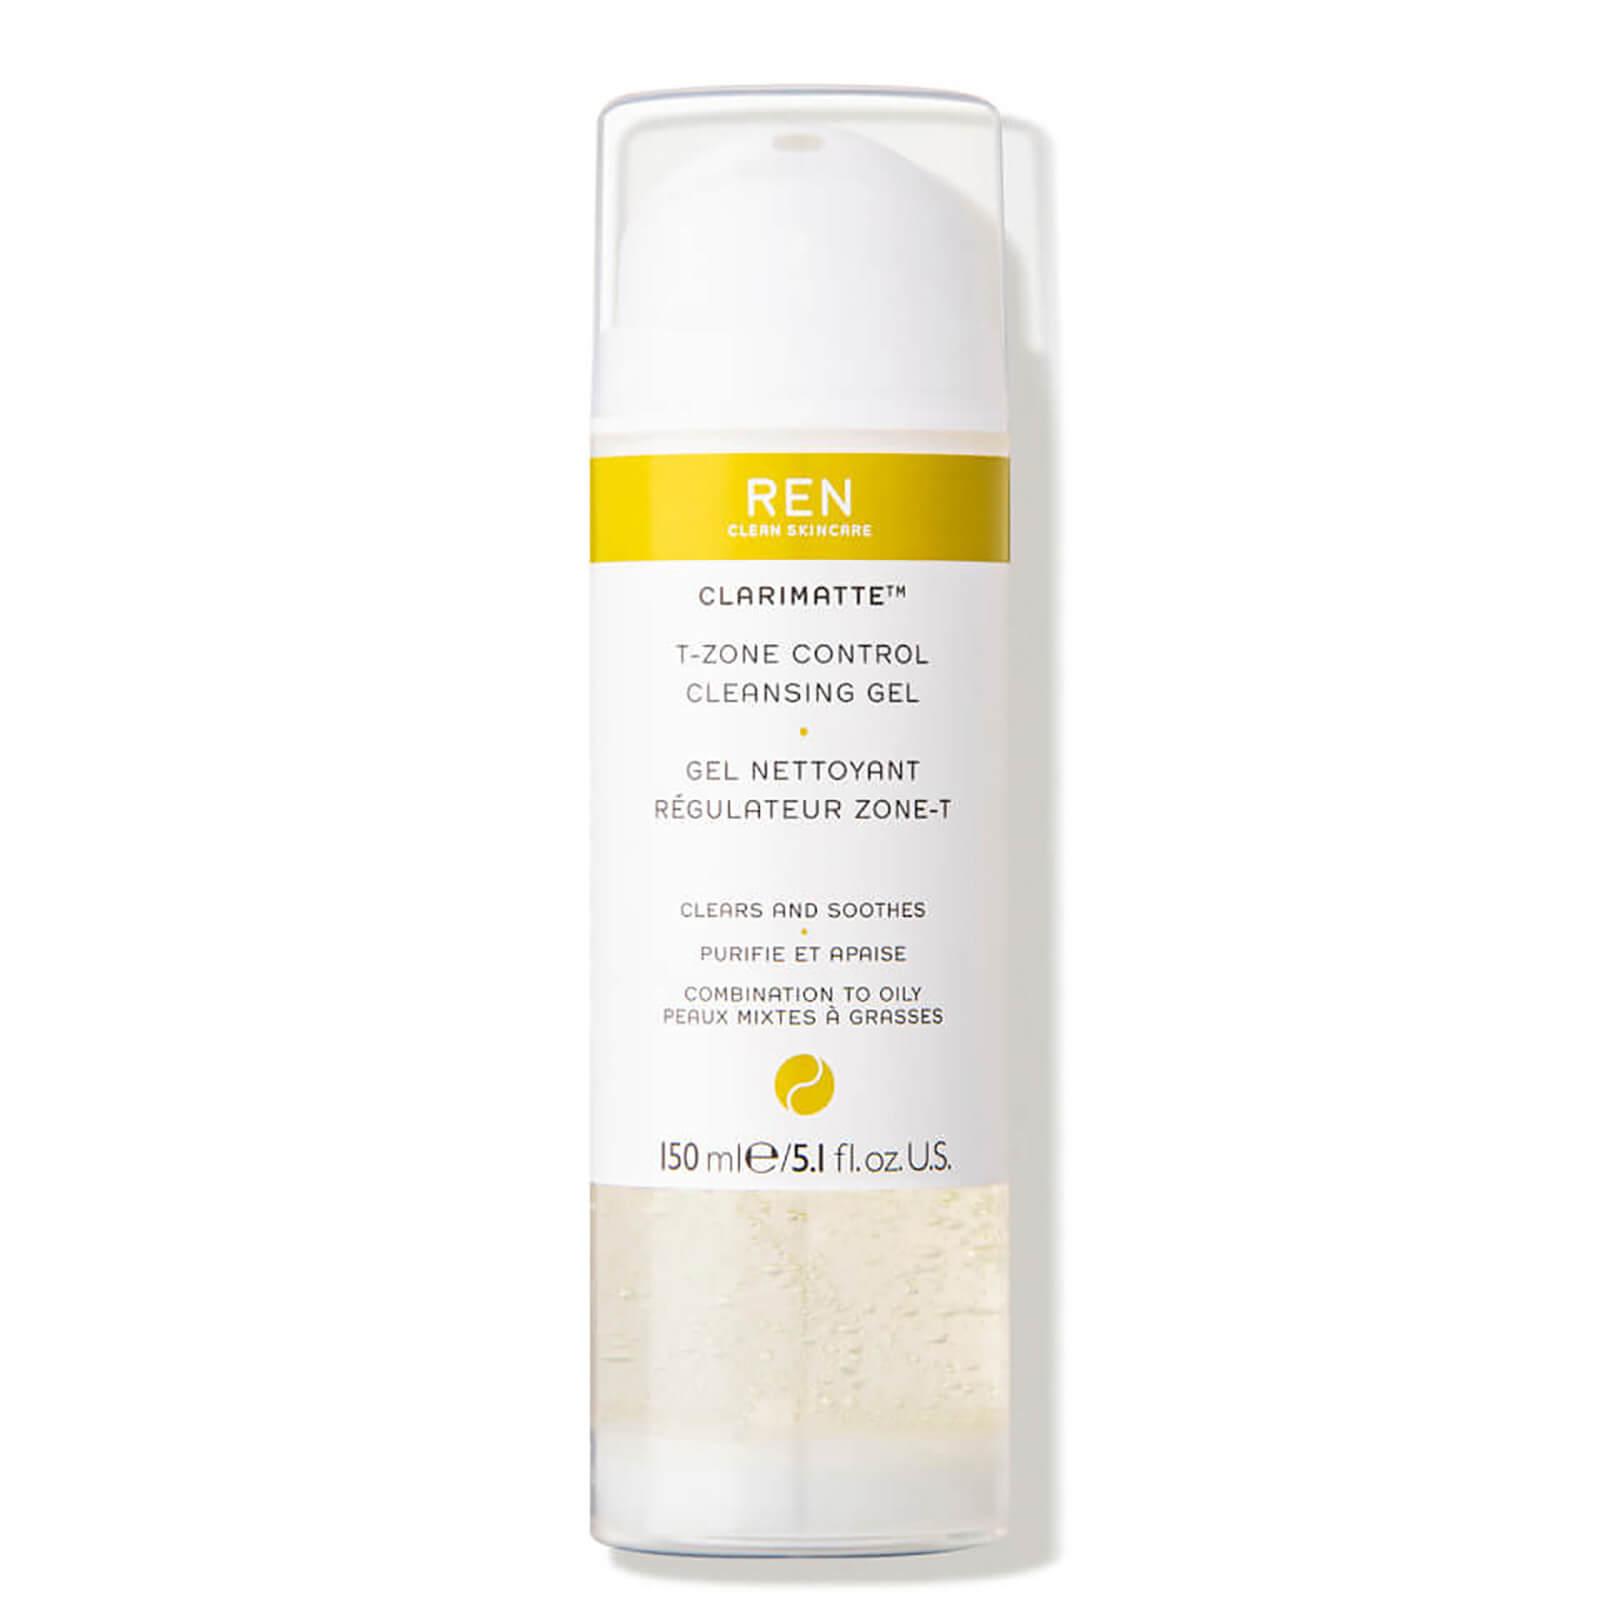 Купить Гель для умывания REN Clarimatte™ T-Zone Control Cleansing Gel